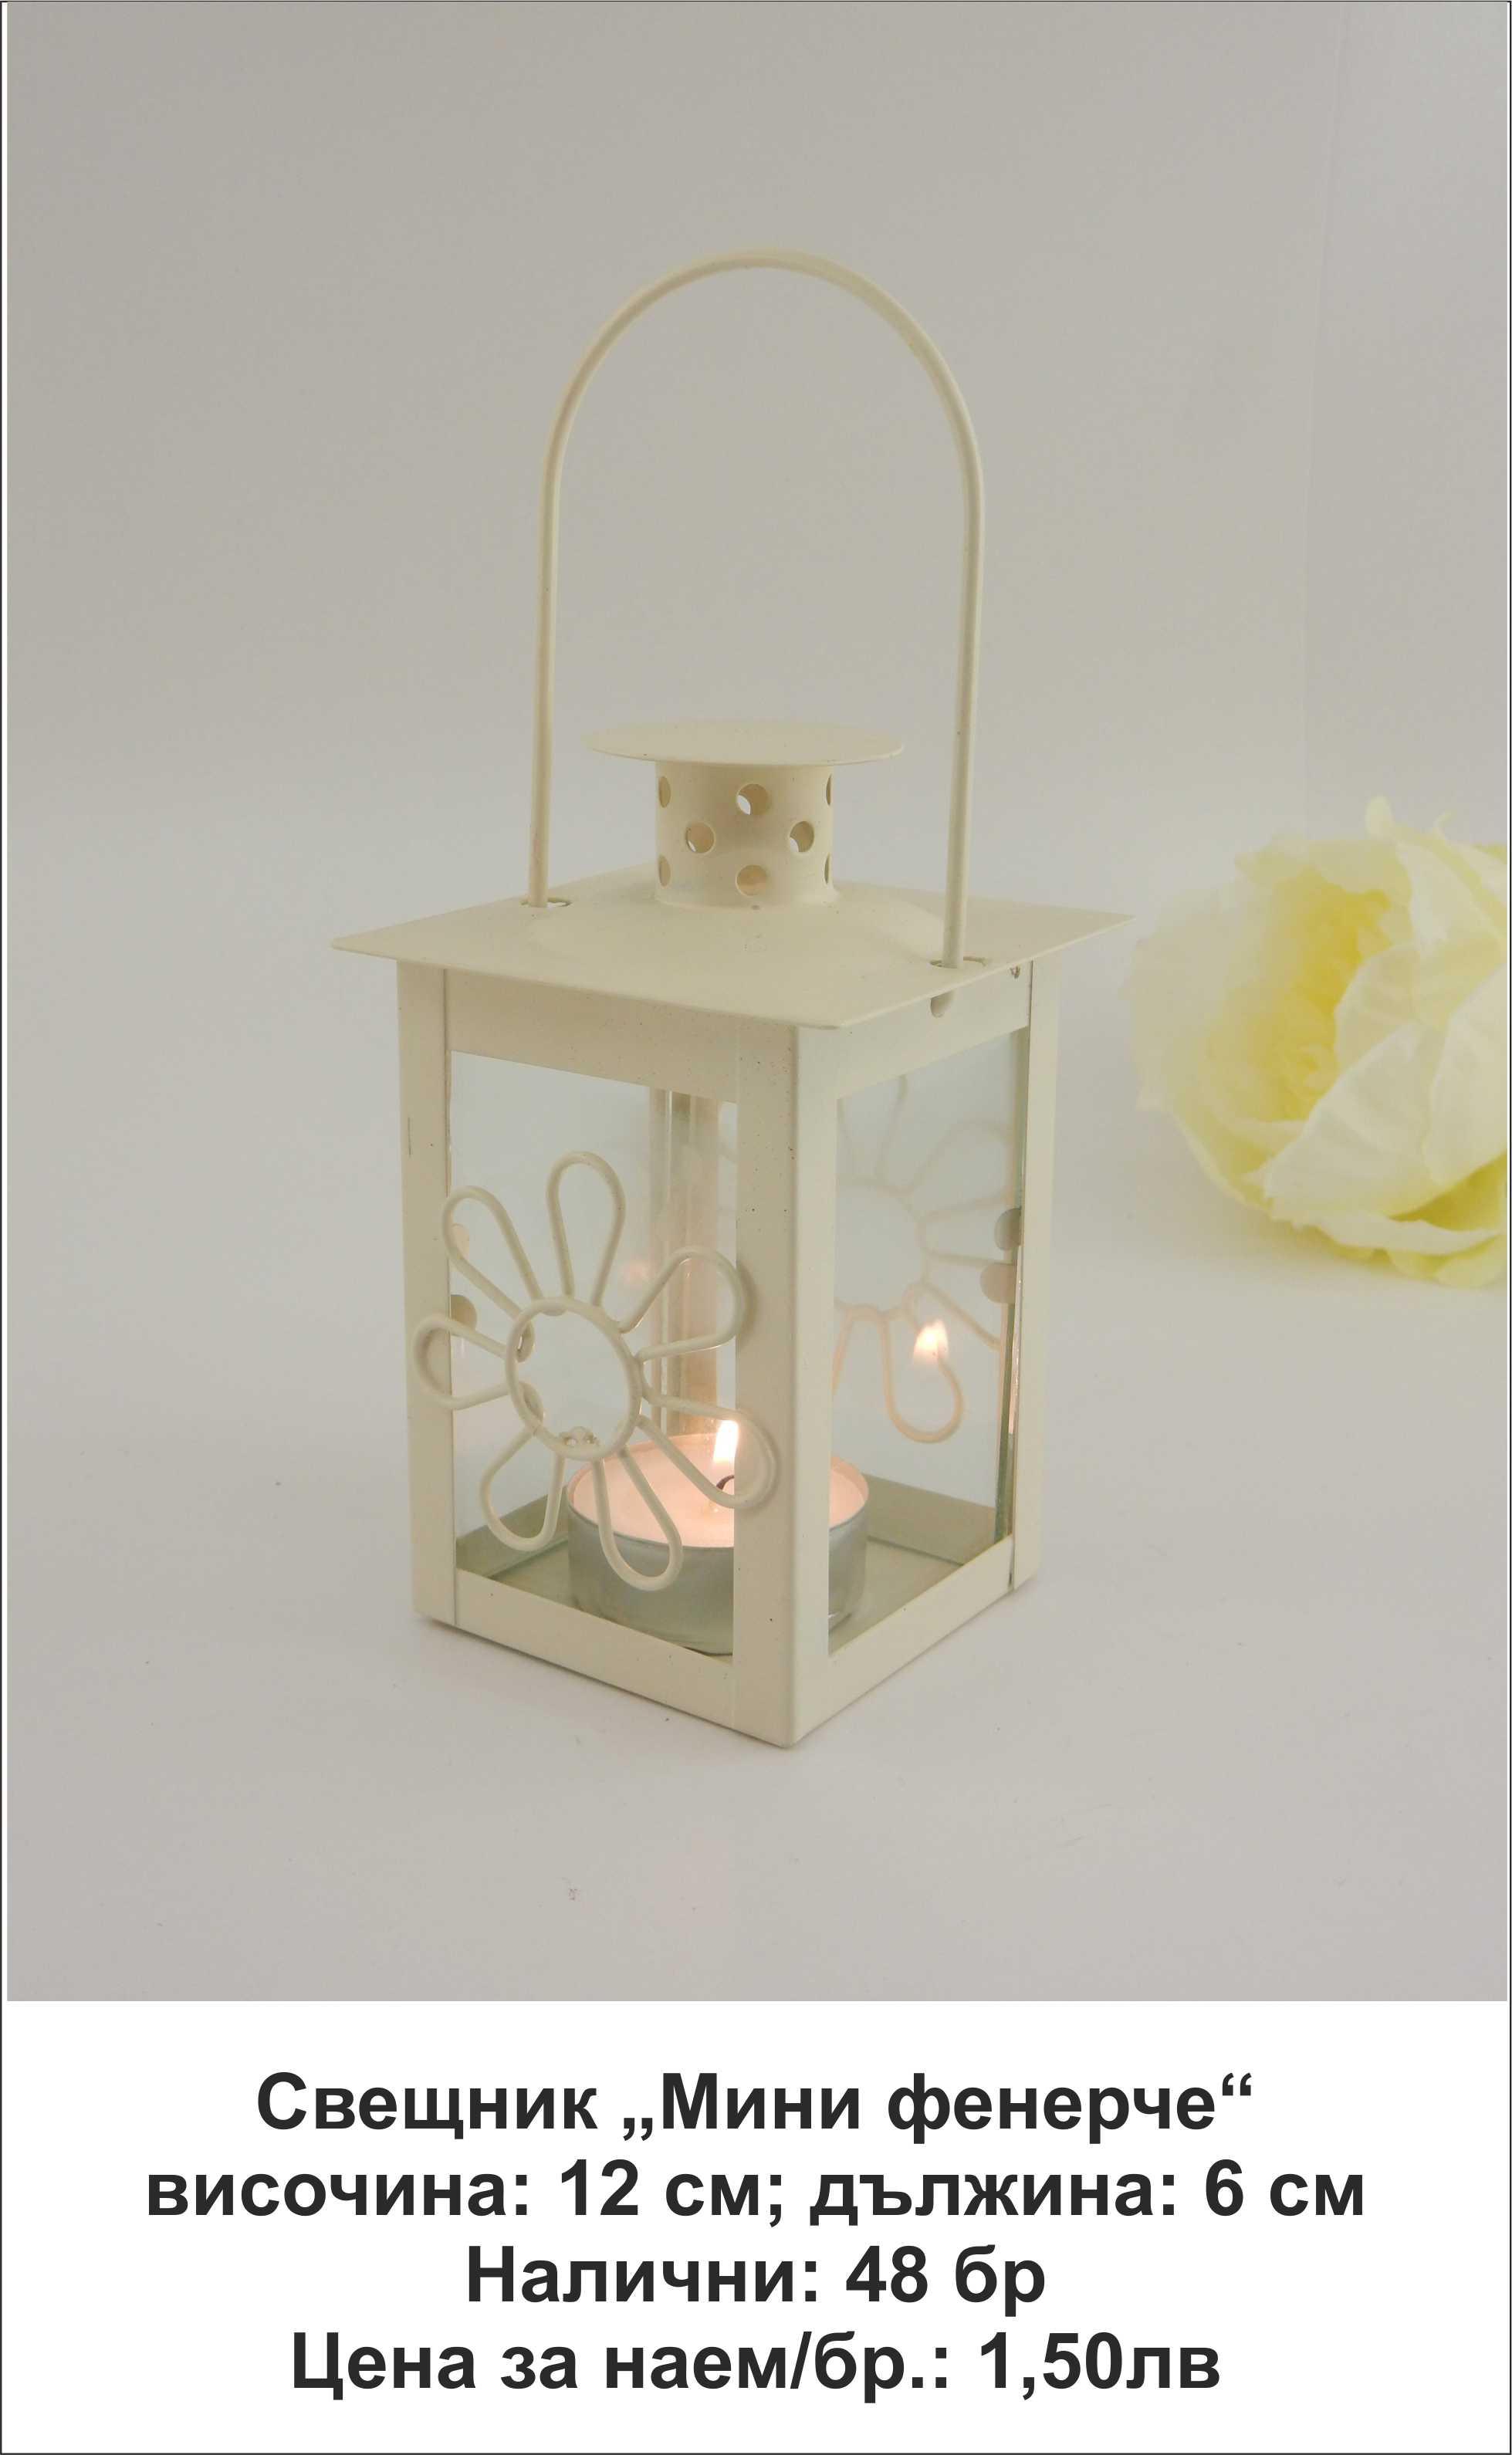 Свещник Мини фенерче, за окачване или настолен. Височина: 12 см. Цена за наем: 1,50 лв.